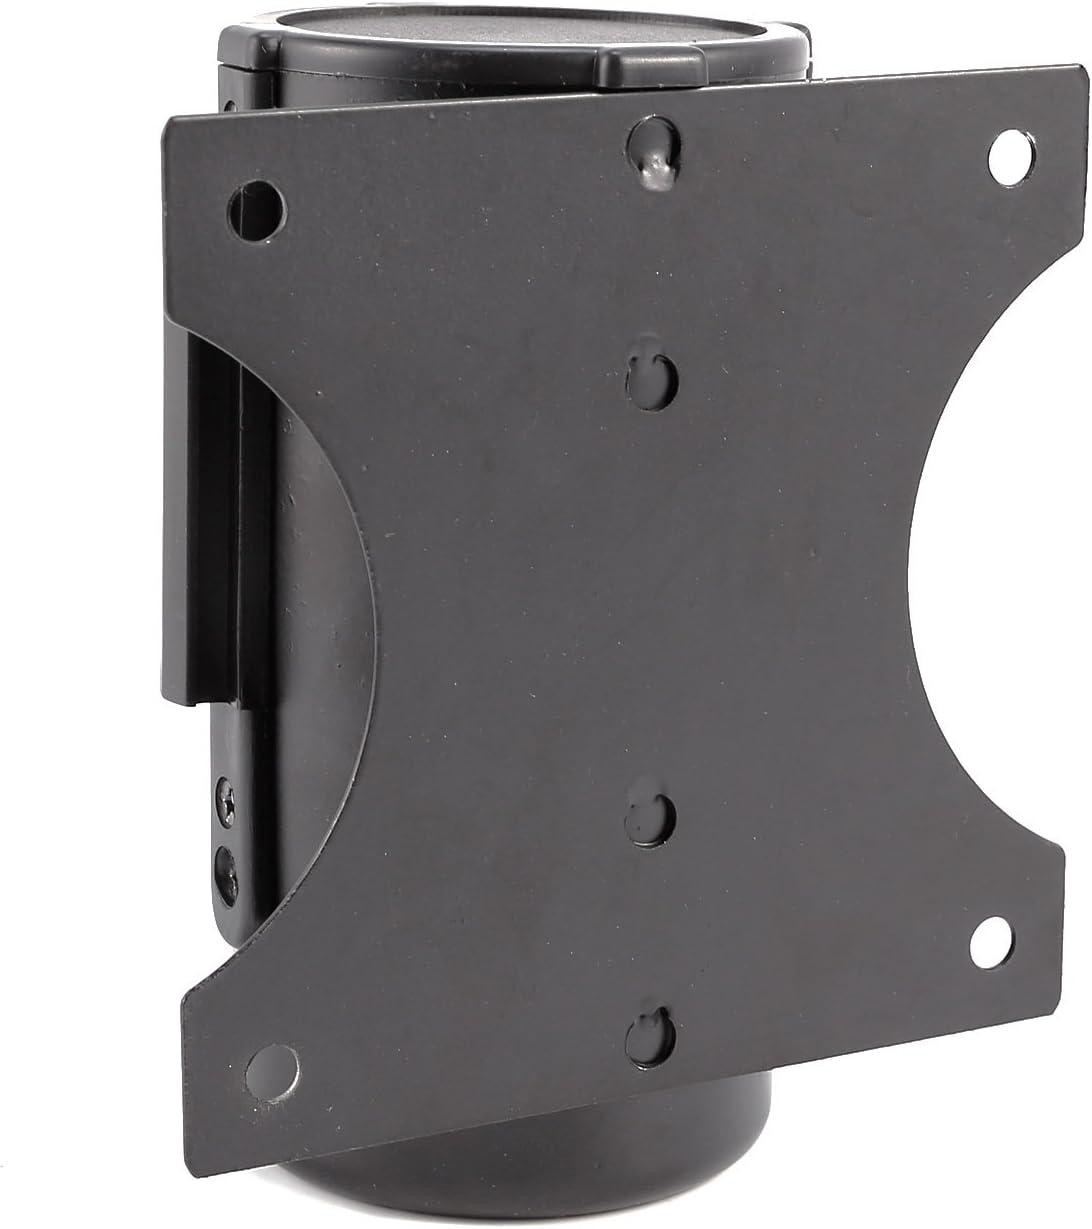 Nastro retrattile da 2m//3m con supporto in acciaio INOX//Metallo barriera per code rosso montaggio a parete